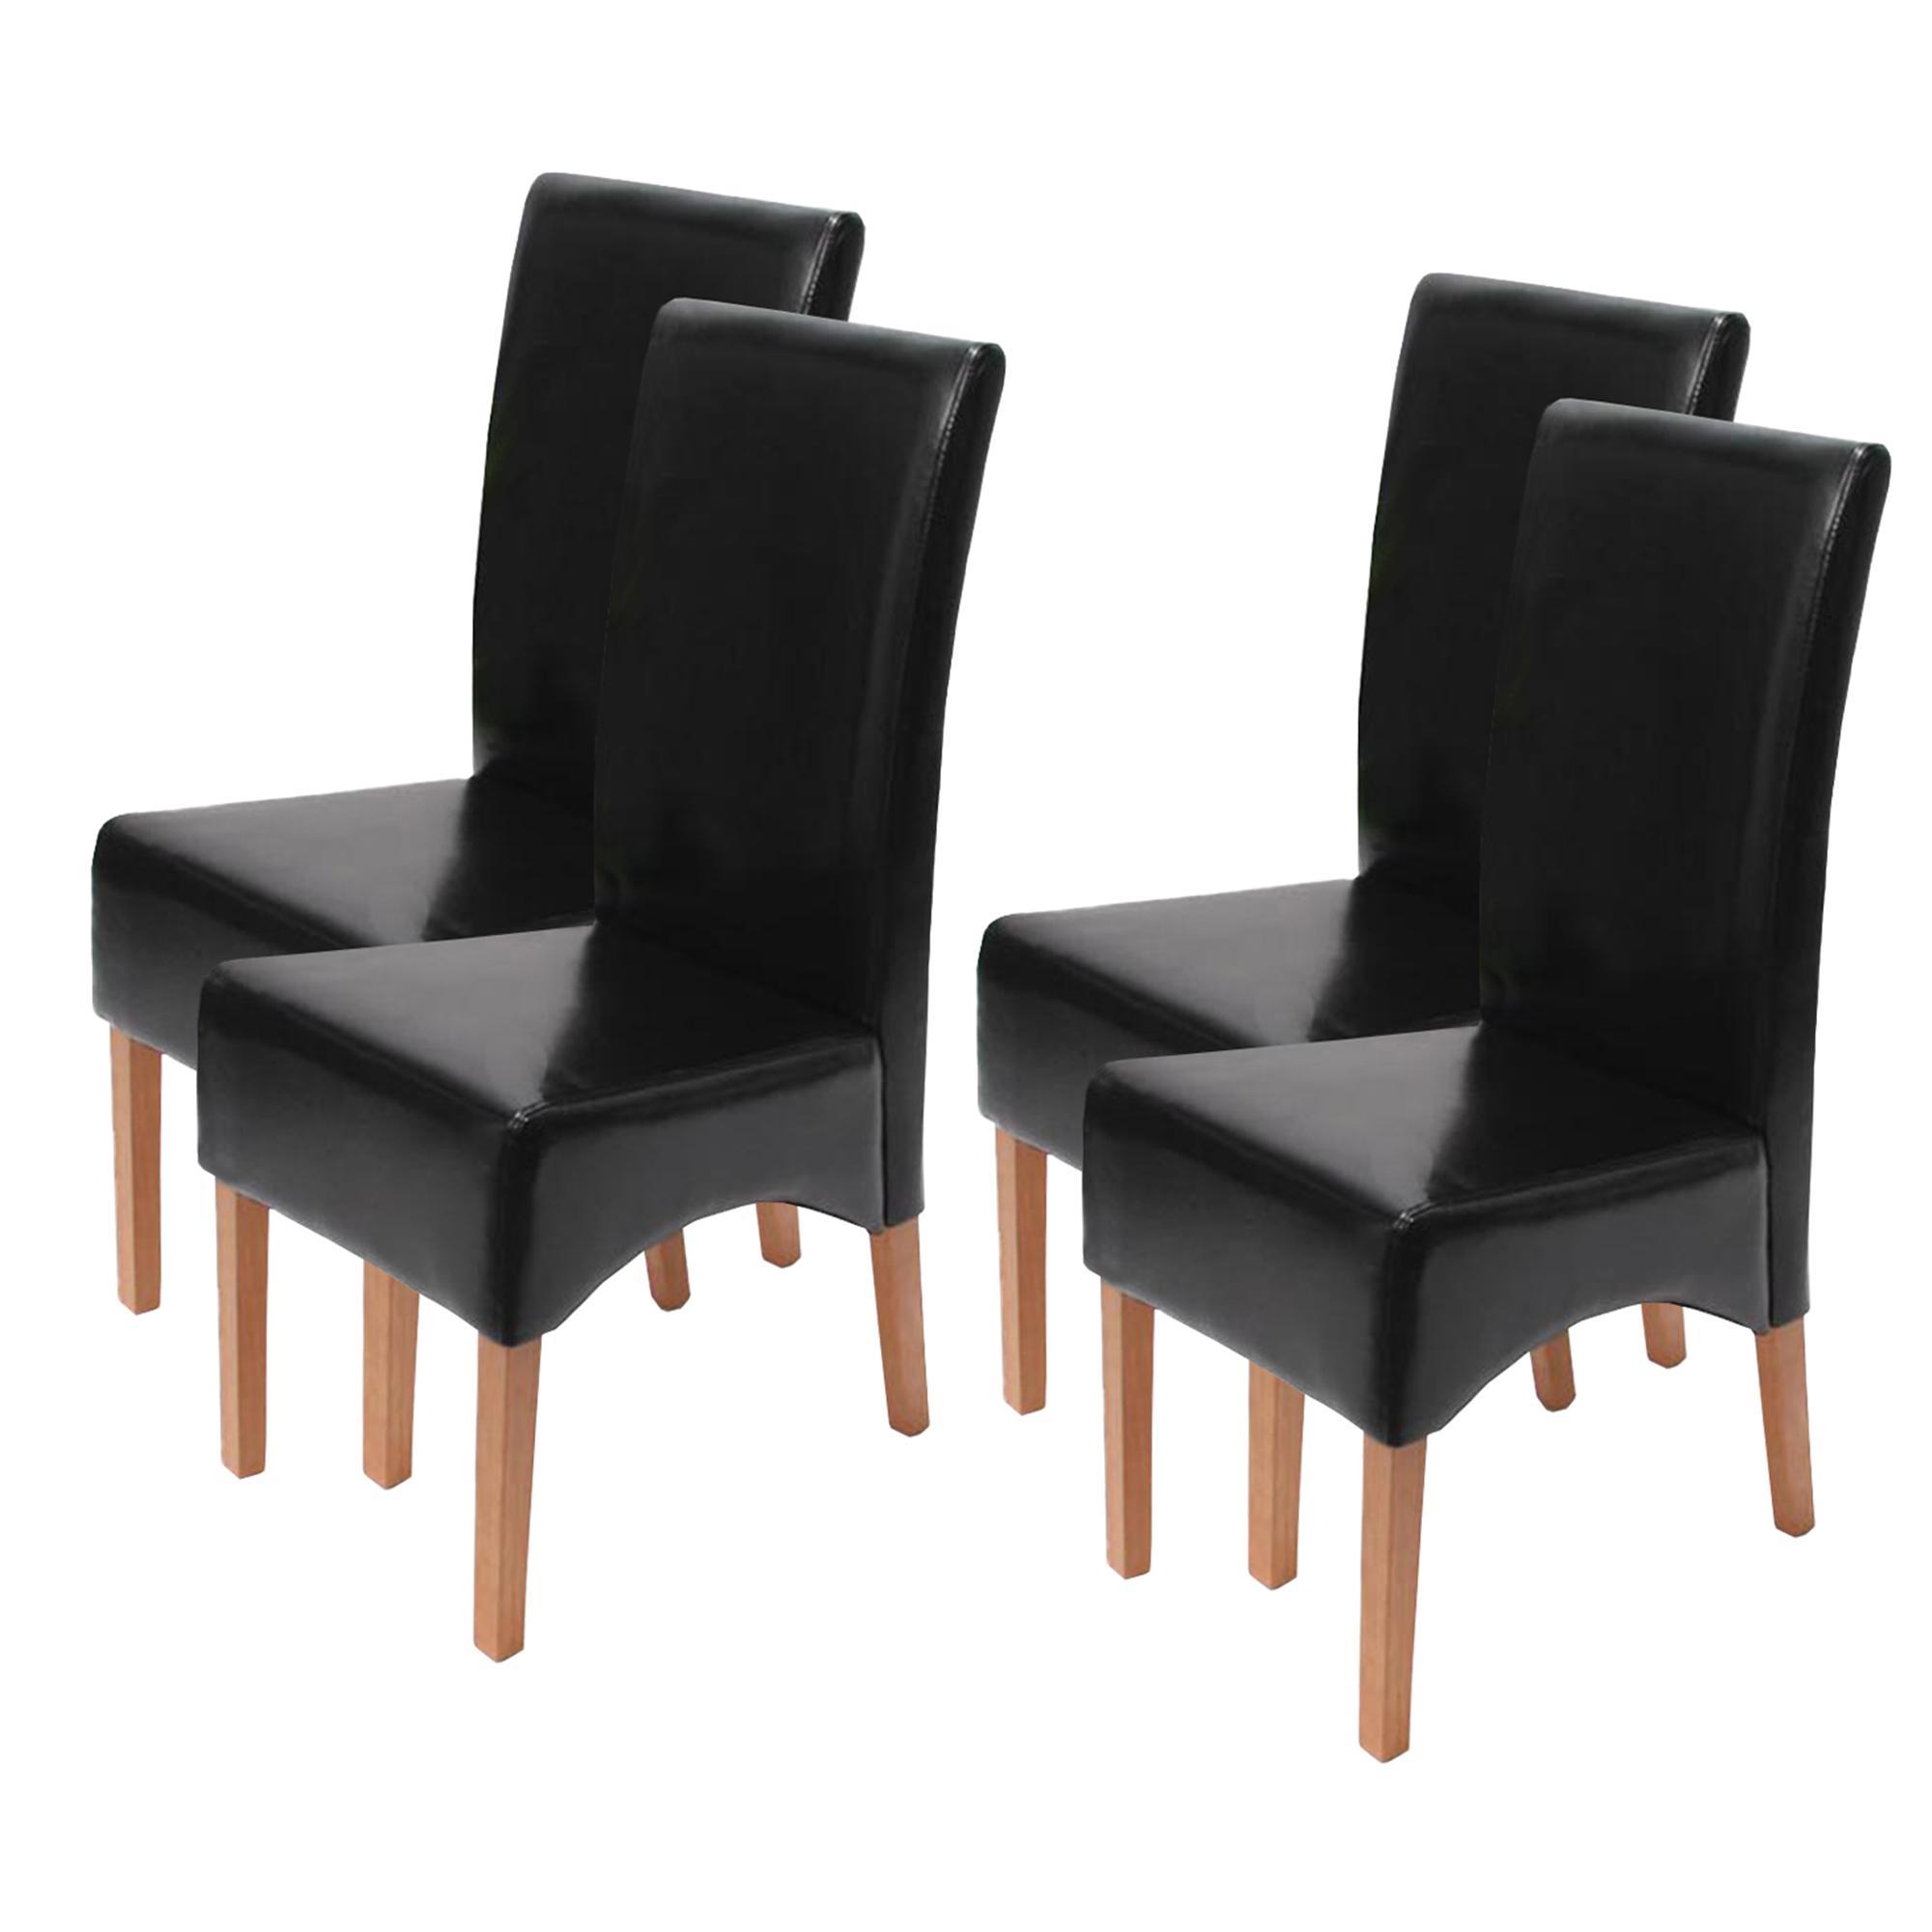 Lote 4 sillas de comedor latina en piel genuina negra y for Sillas de piel para comedor